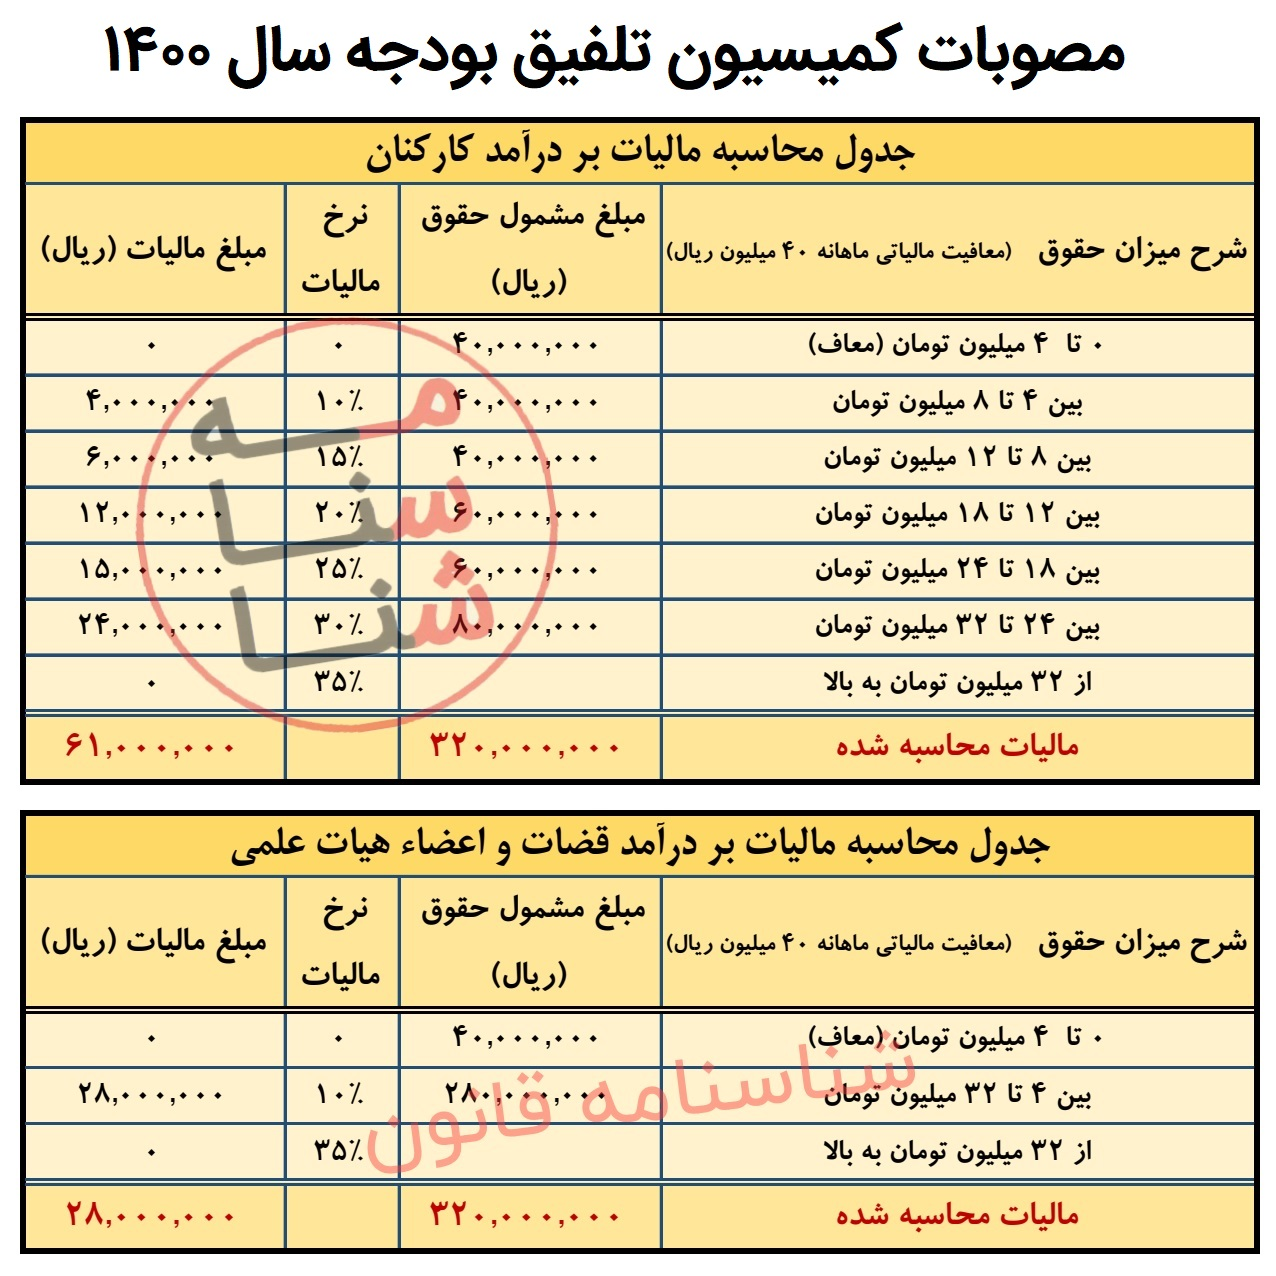 جدول حقوق کارگران در سال 1400